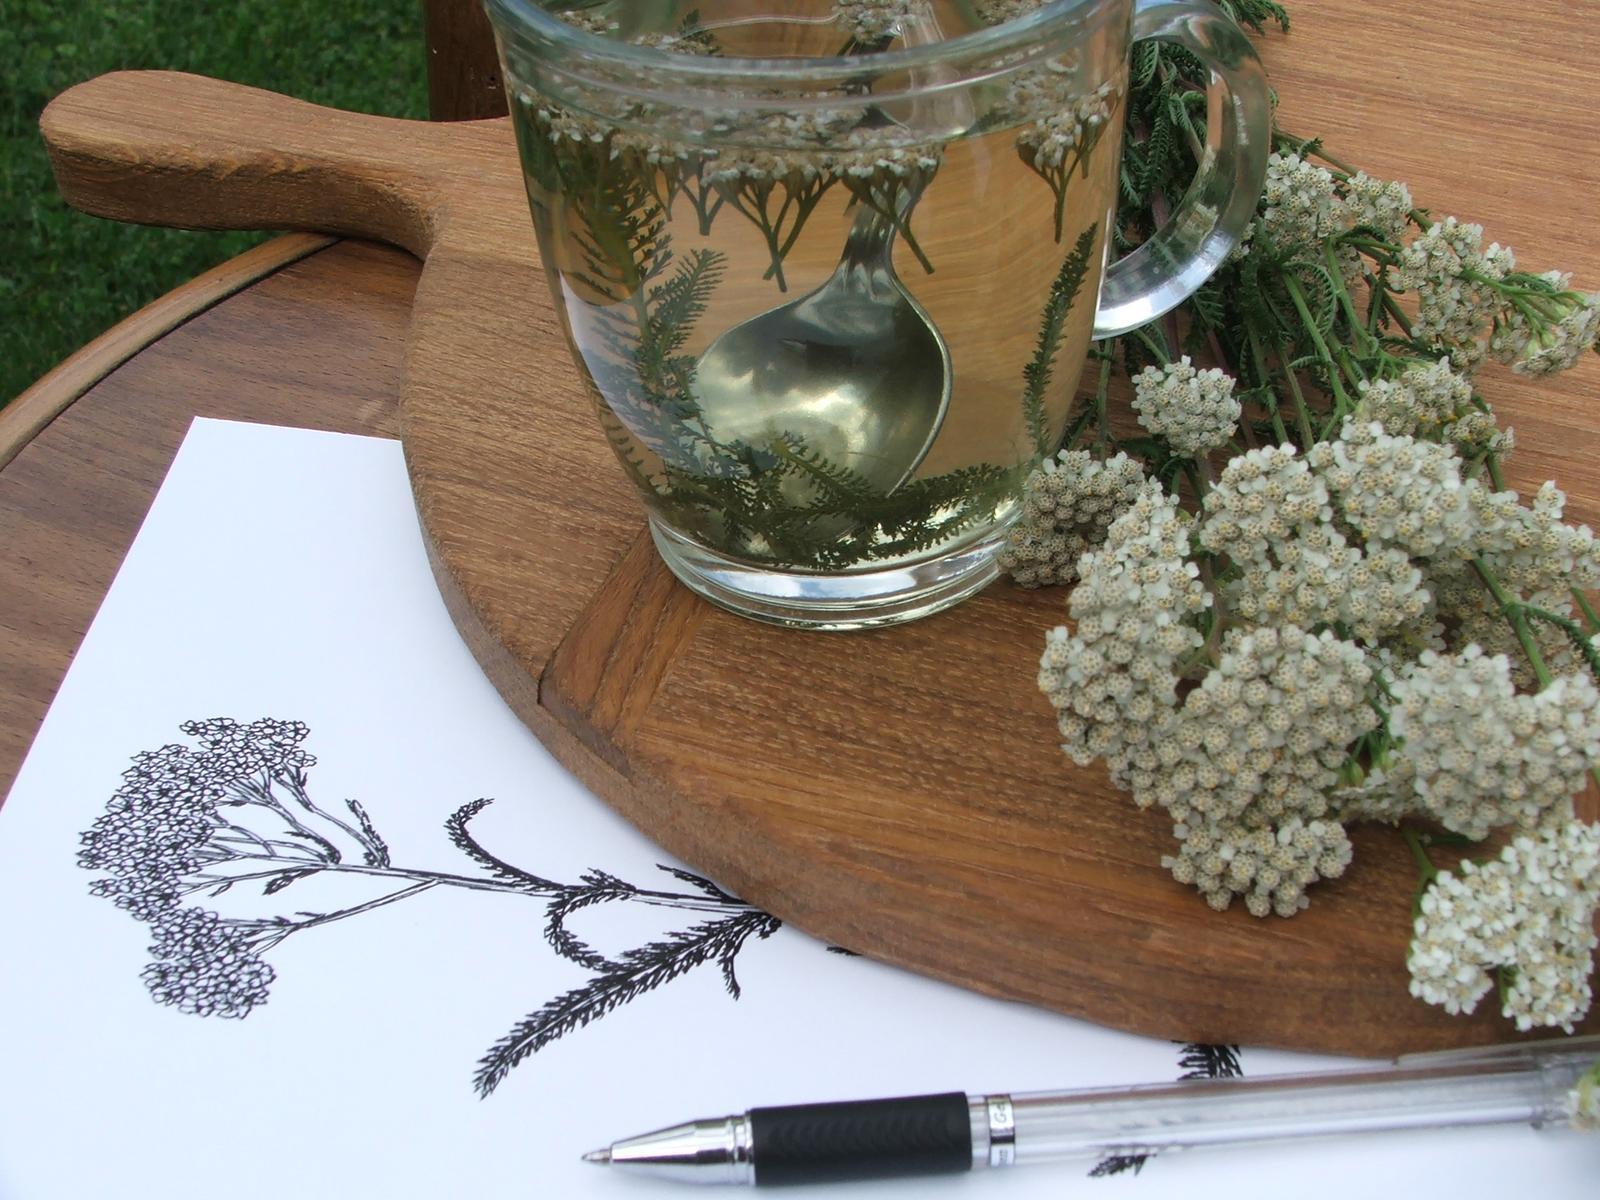 Domov - kreslenie pri čajíku....